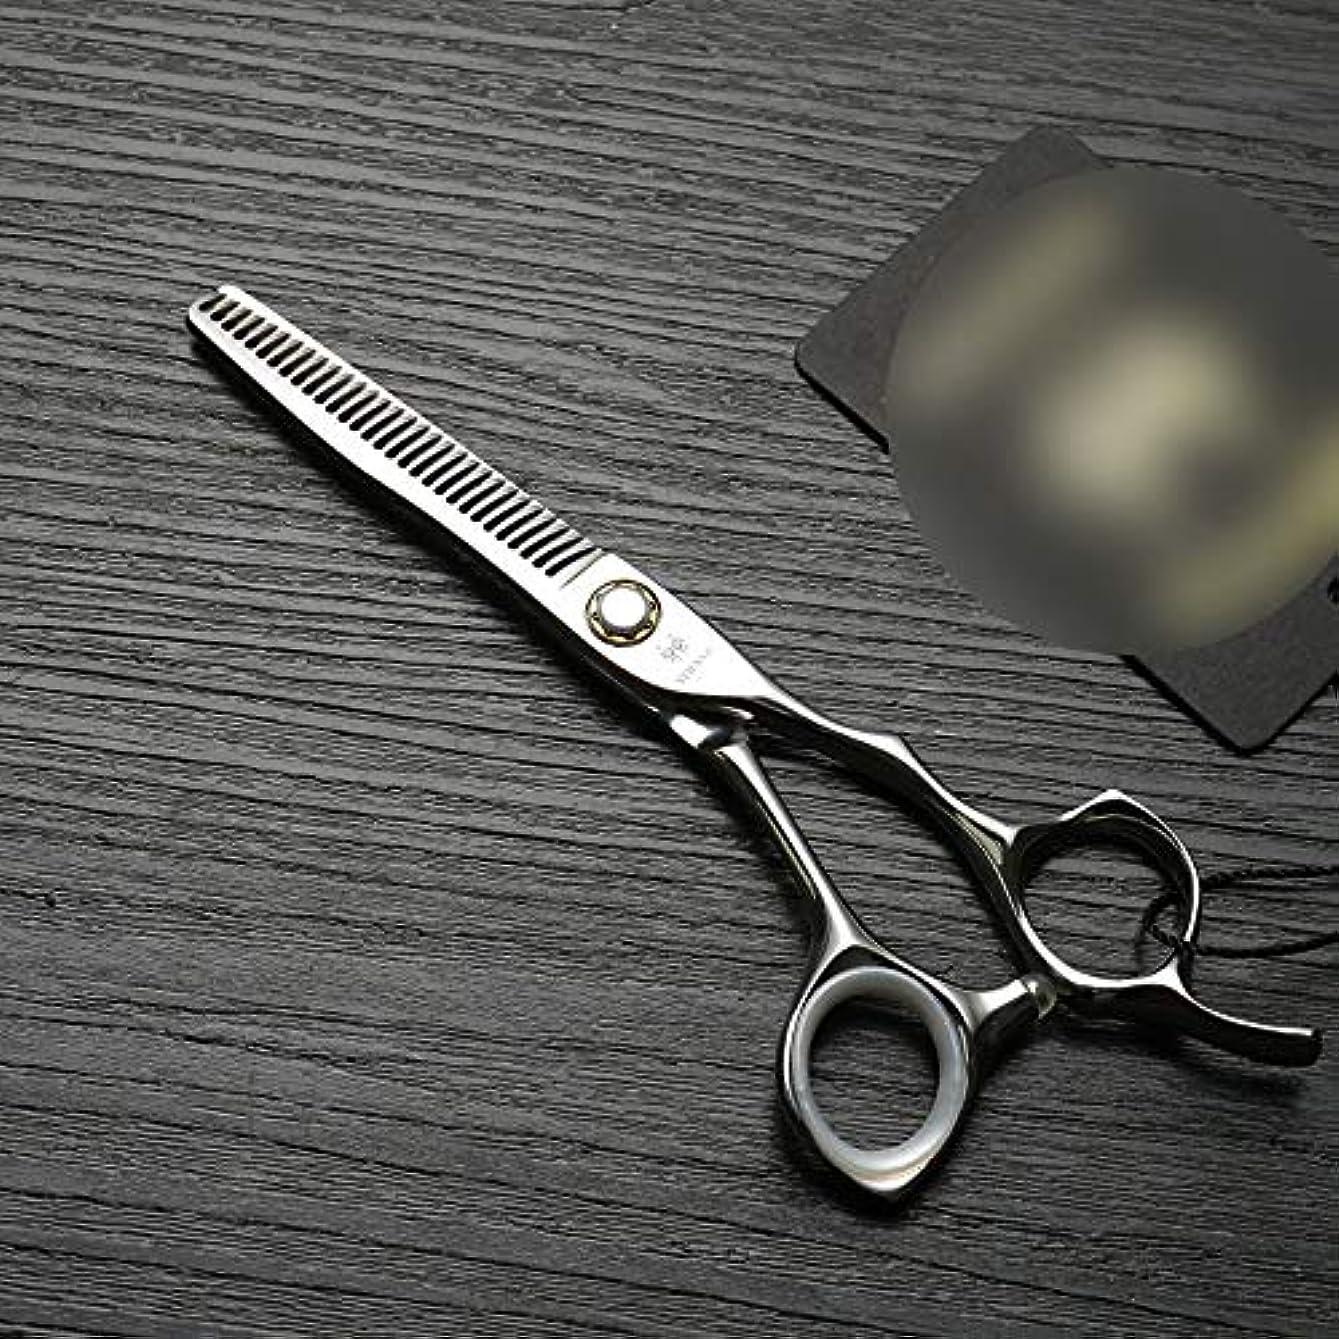 悪魔ずるい疑い者6インチの専門の理髪はさみ、軸受けねじステンレス鋼の薄くなるはさみ モデリングツール (色 : Silver)